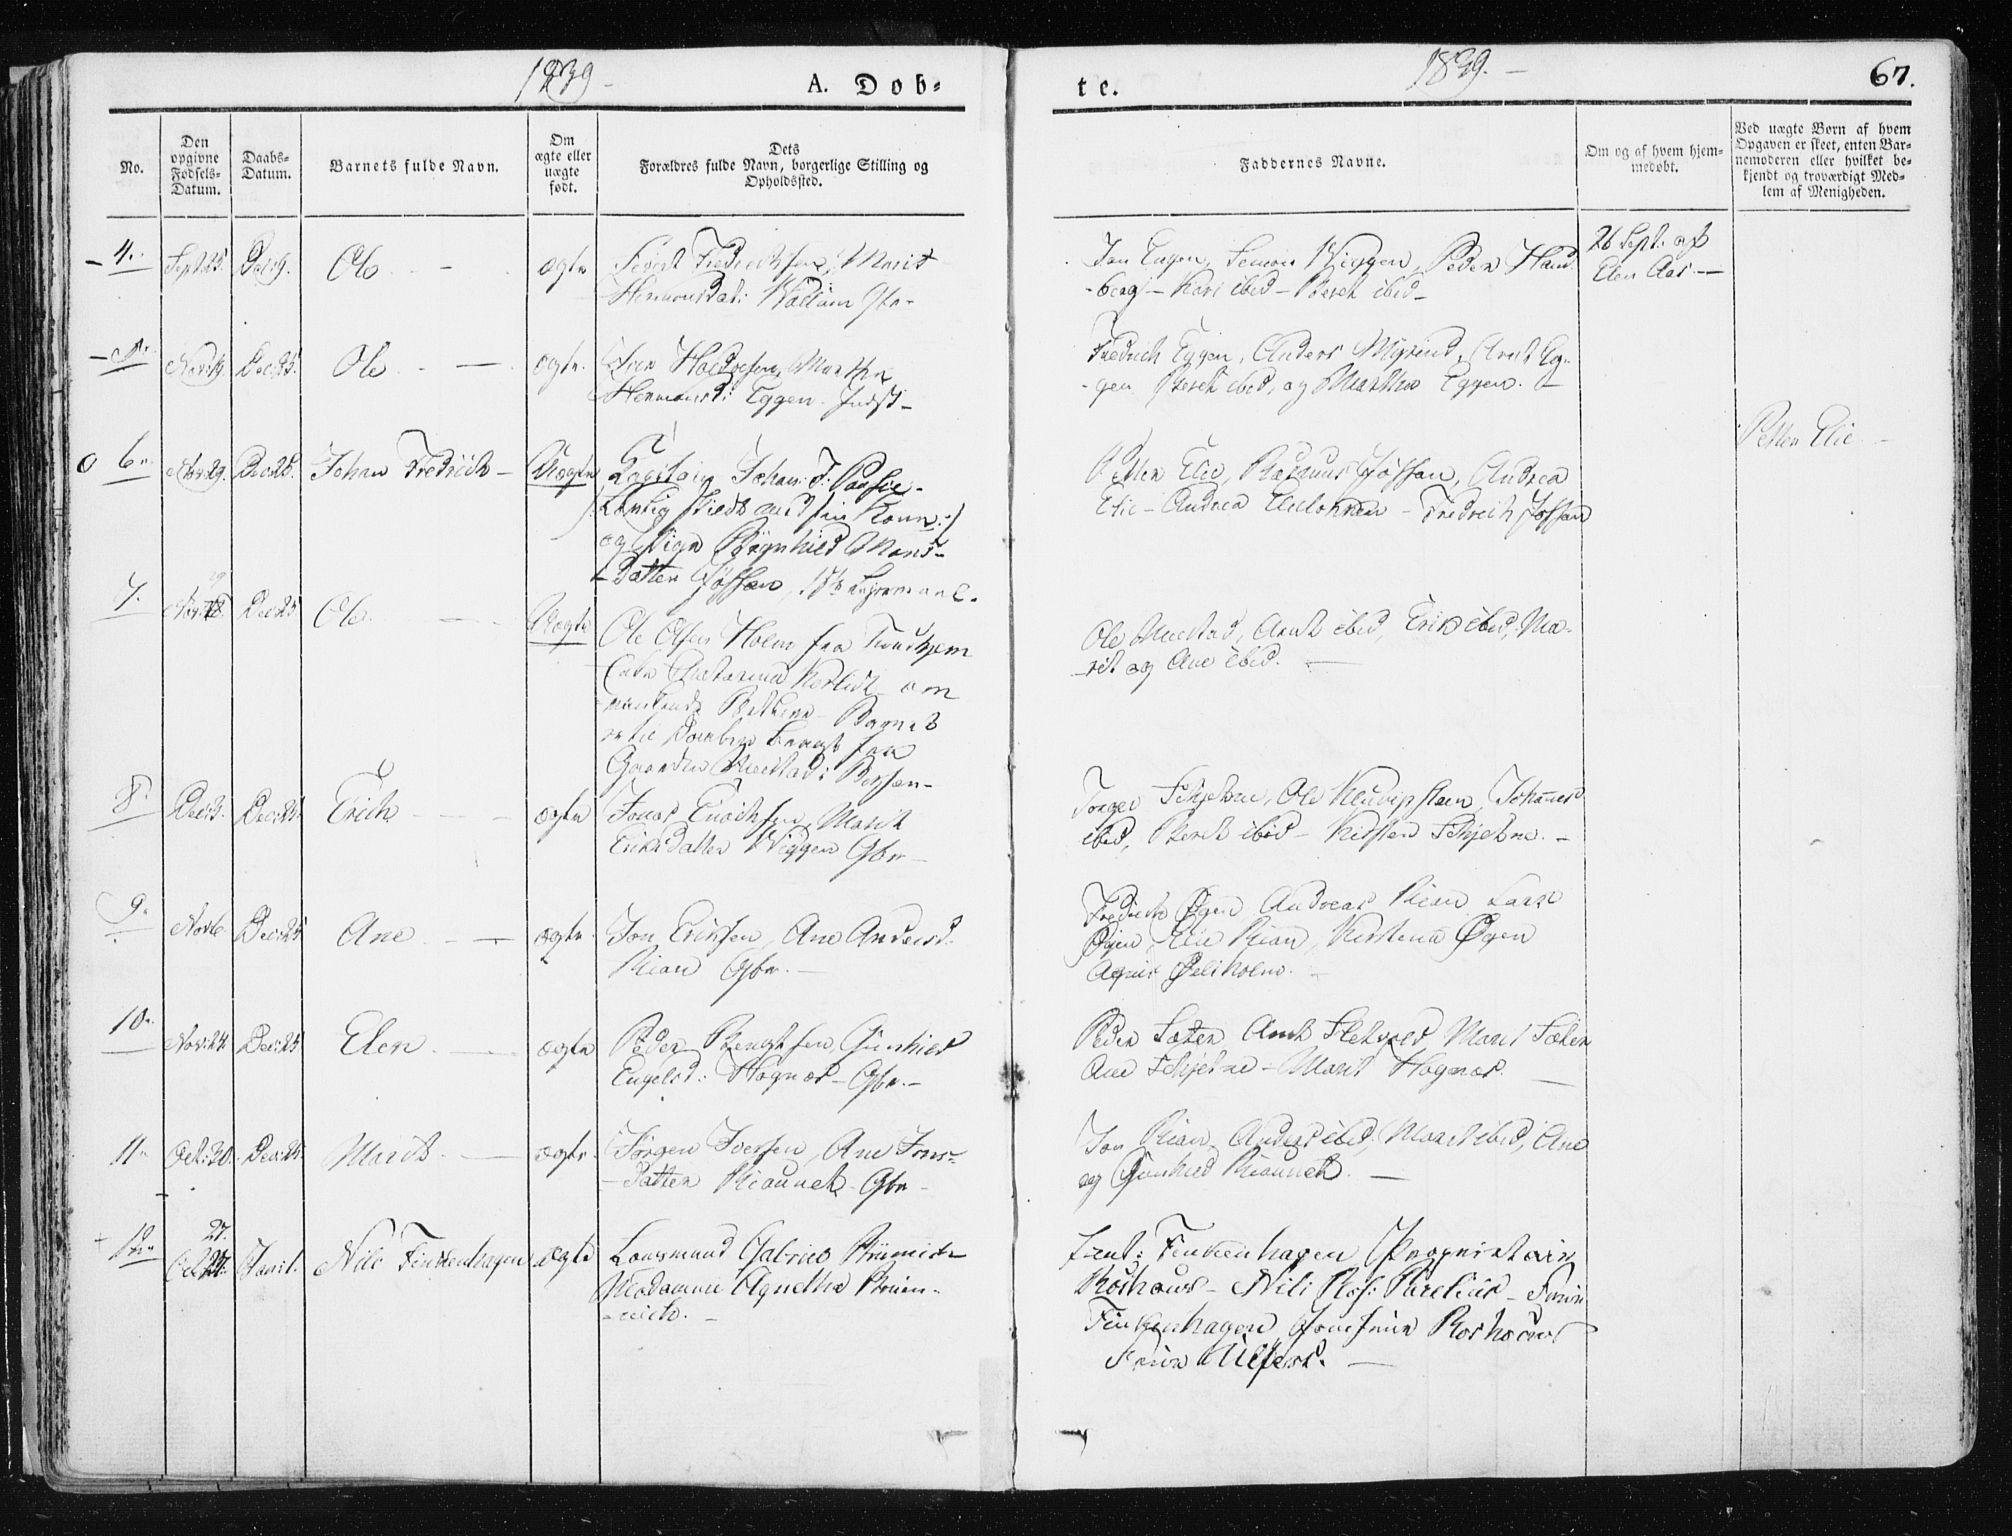 SAT, Ministerialprotokoller, klokkerbøker og fødselsregistre - Sør-Trøndelag, 665/L0771: Ministerialbok nr. 665A06, 1830-1856, s. 67